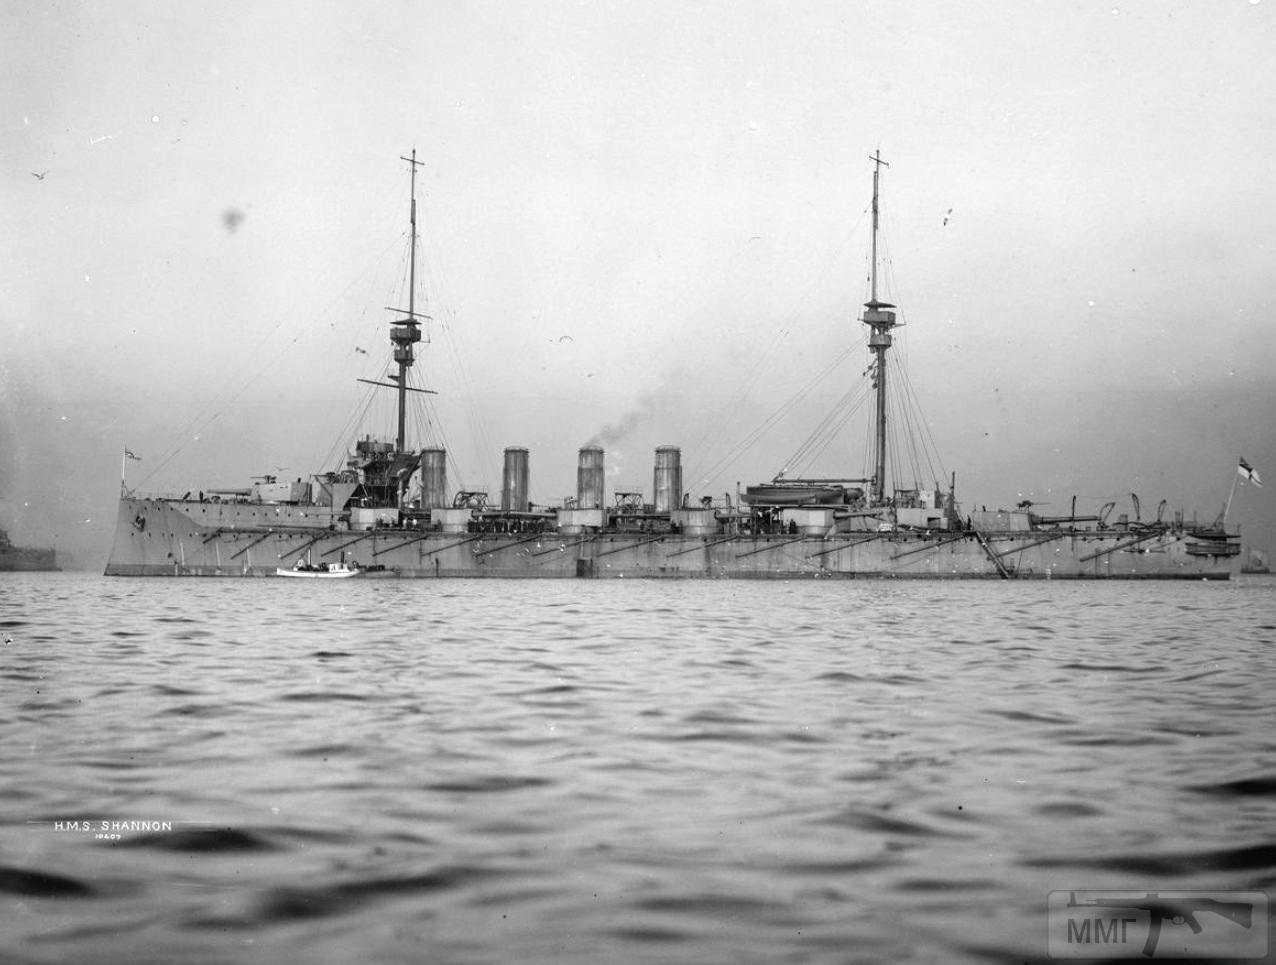 56478 - HMS Shannon